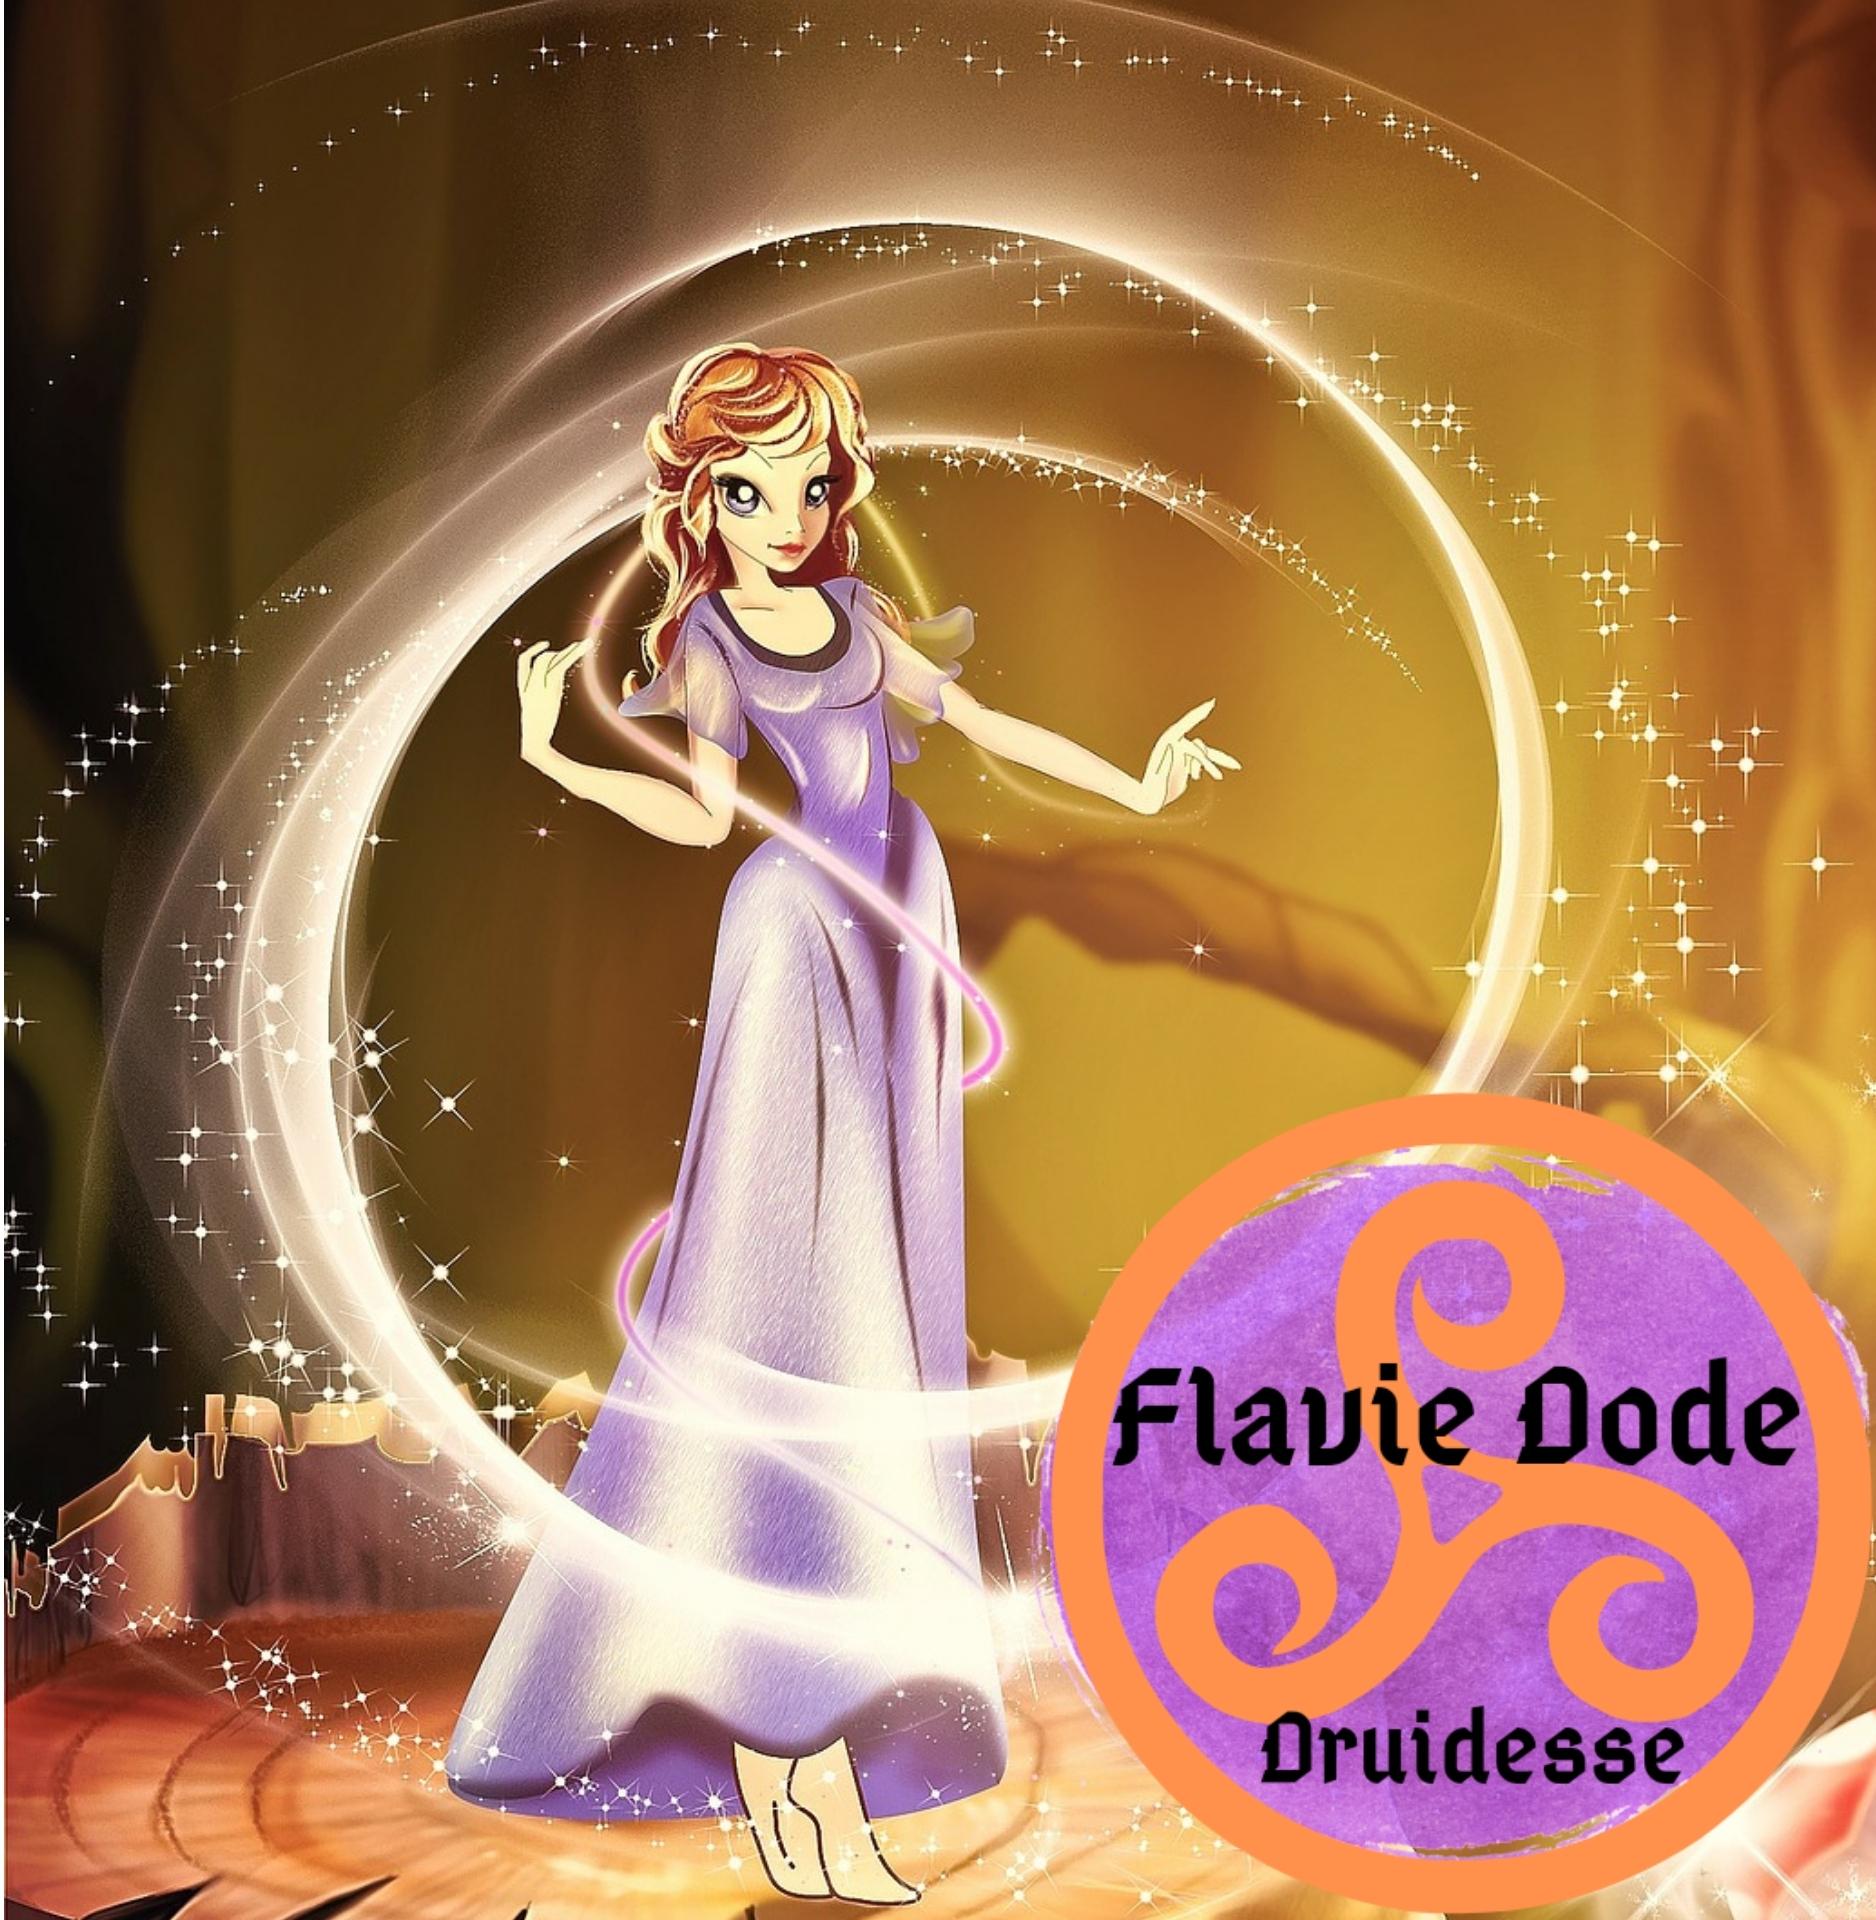 Soin druidique bas FDD